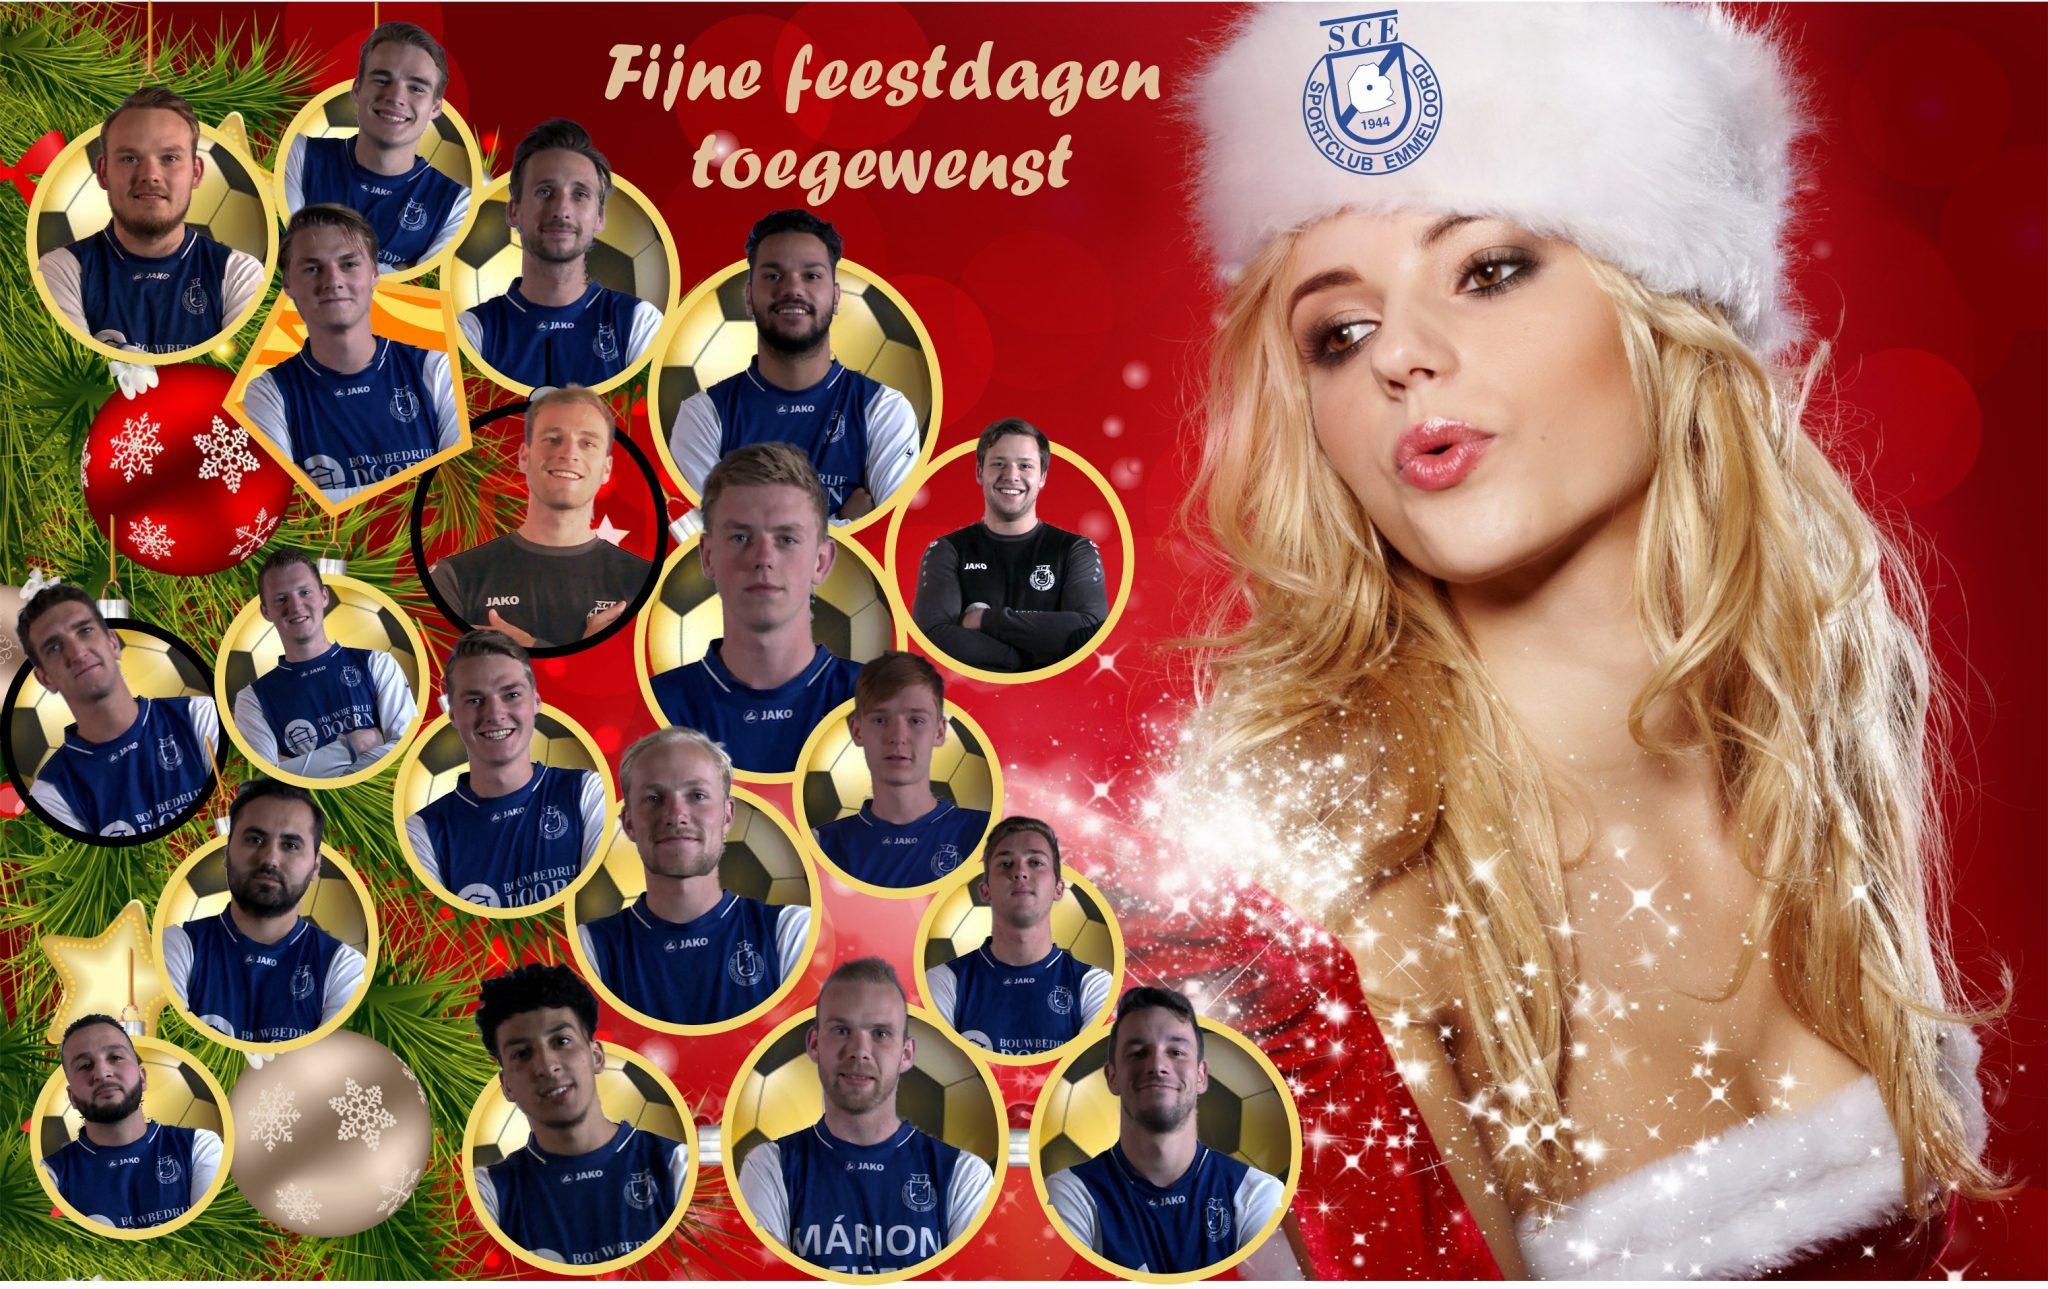 Wij wensen iedereen prettige kerstdagen en een fijn, sportief en vooral een gezond 2021!